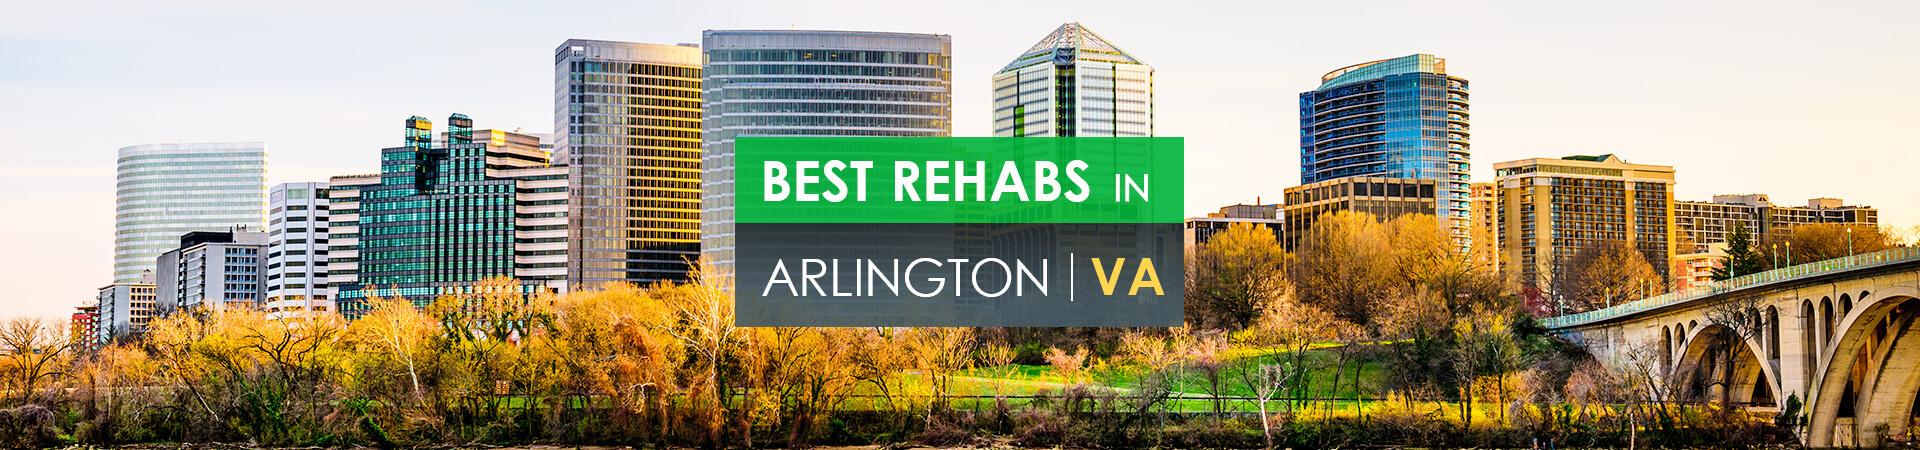 Best rehabs in Arlington, VA